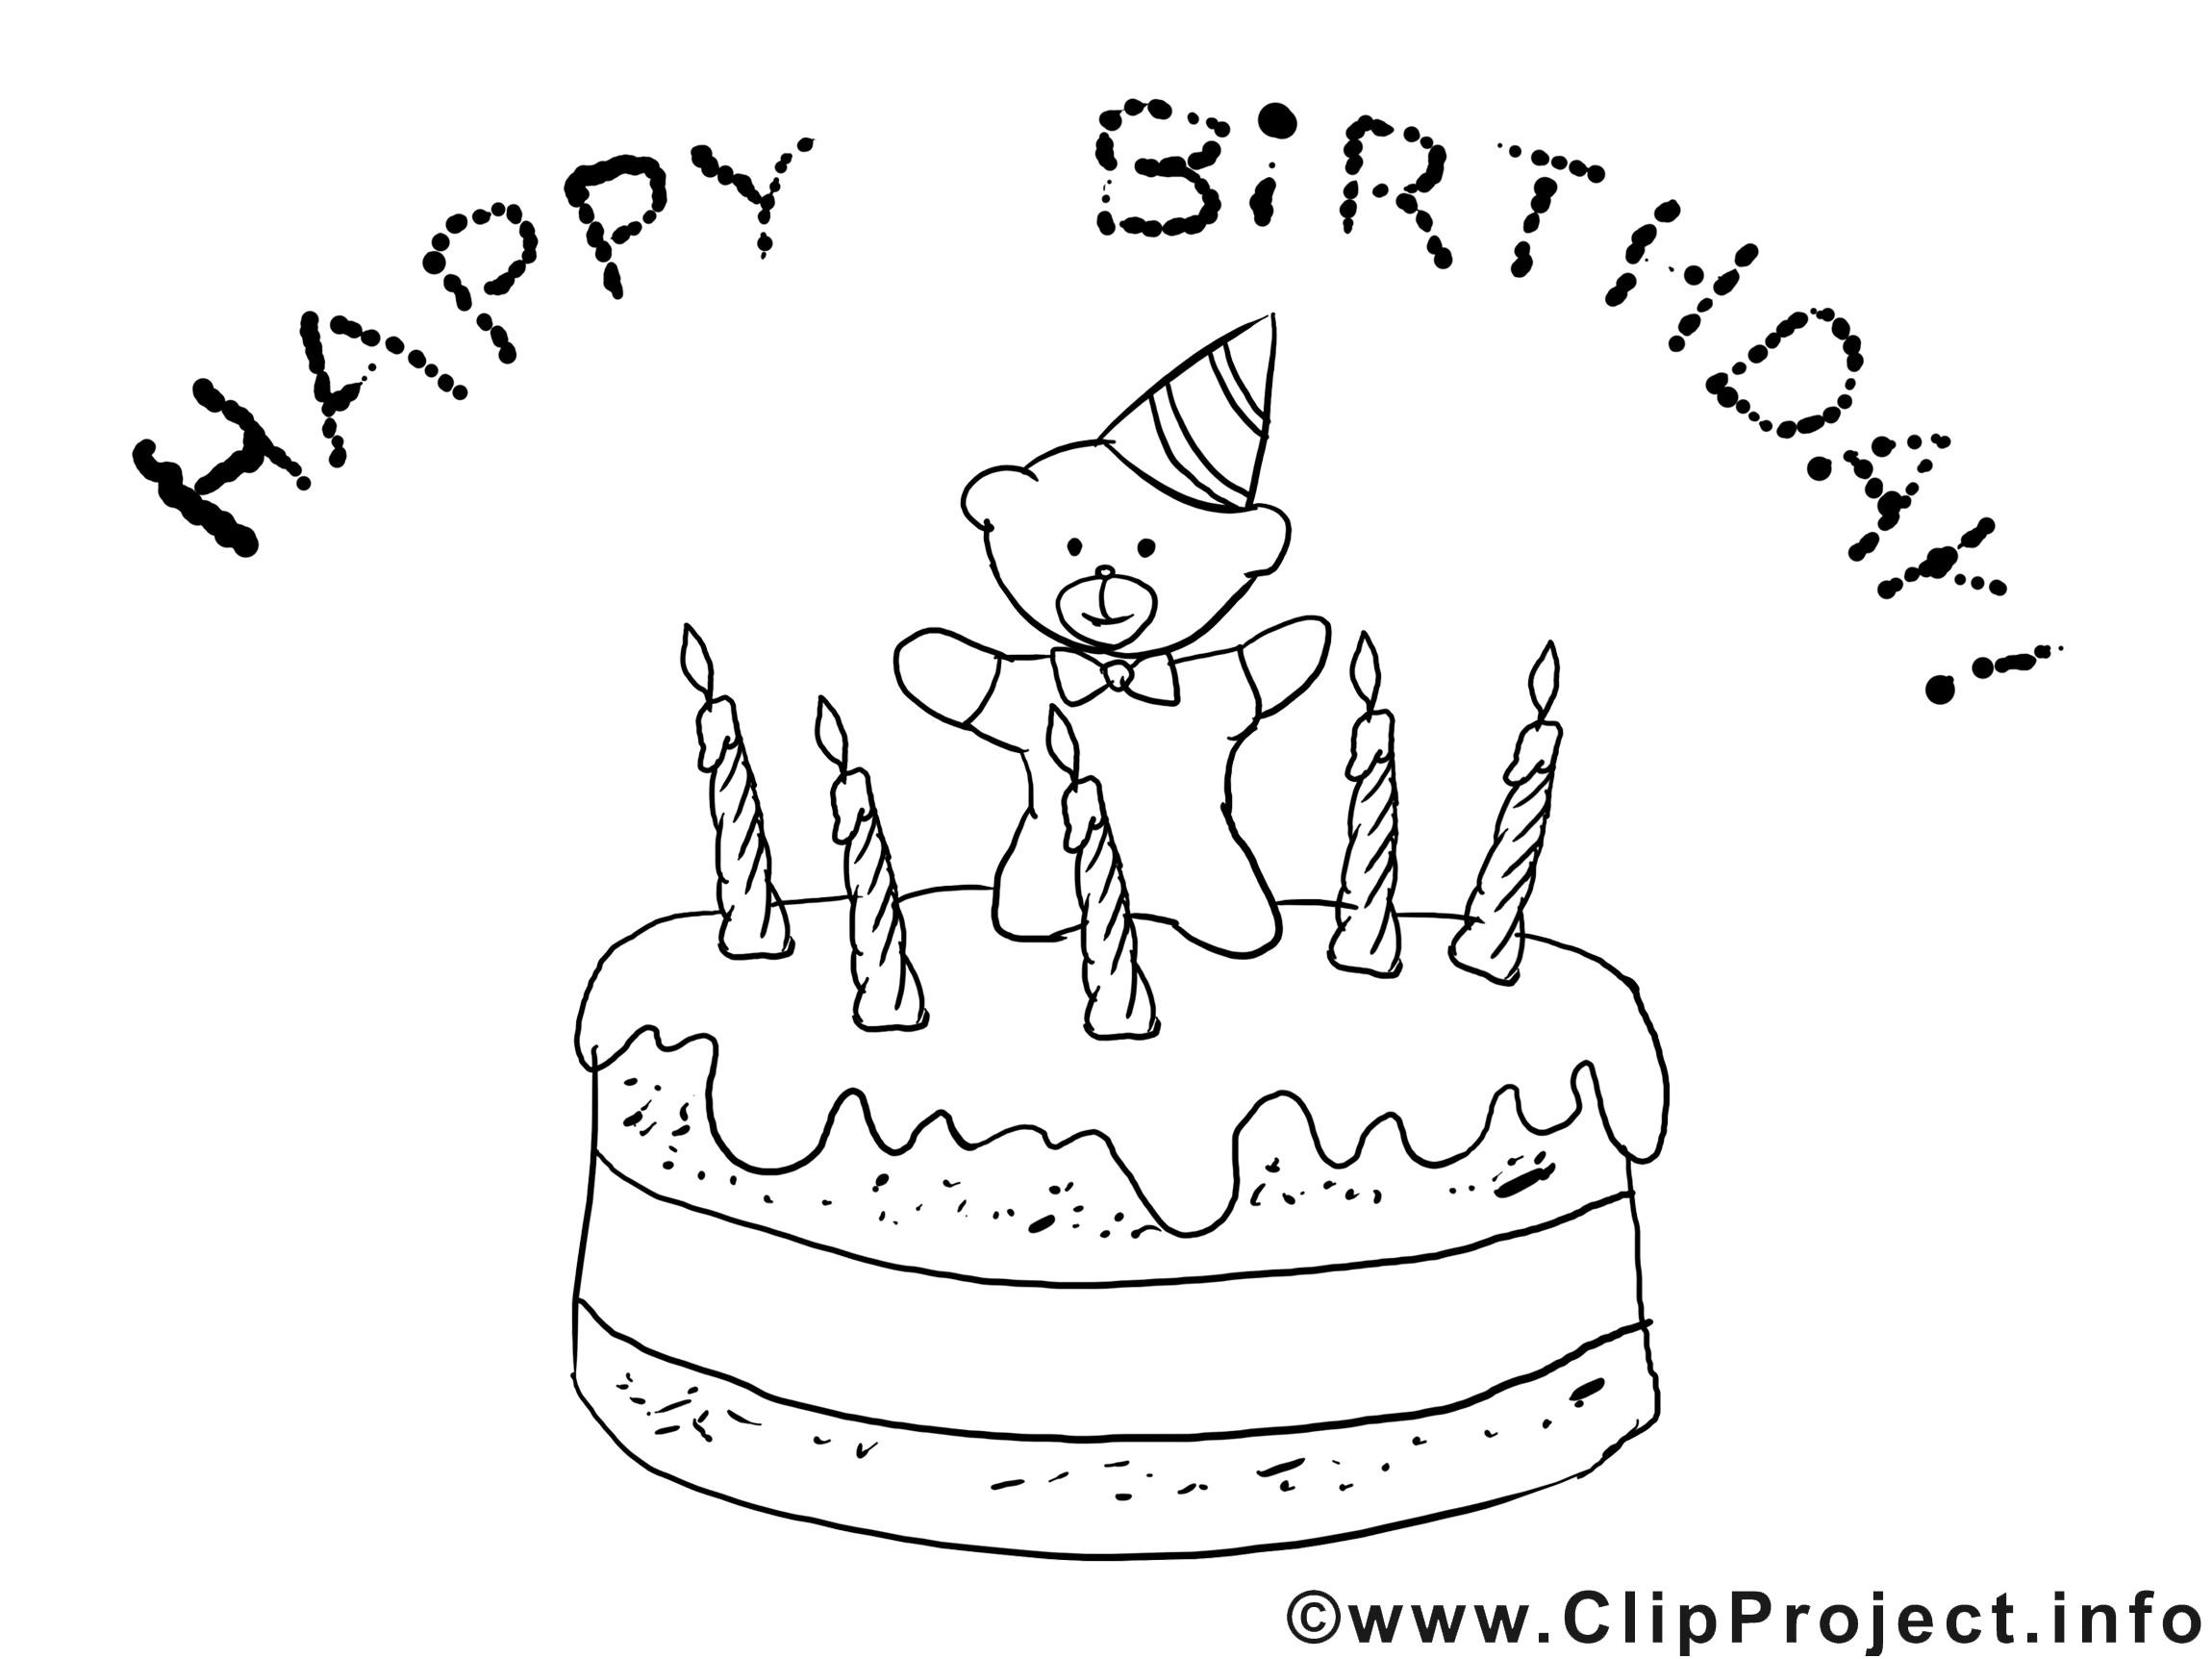 Geburtstagstorte Clipart Schwarz Weiß  Ausmalbild Torte zum Geburtstag